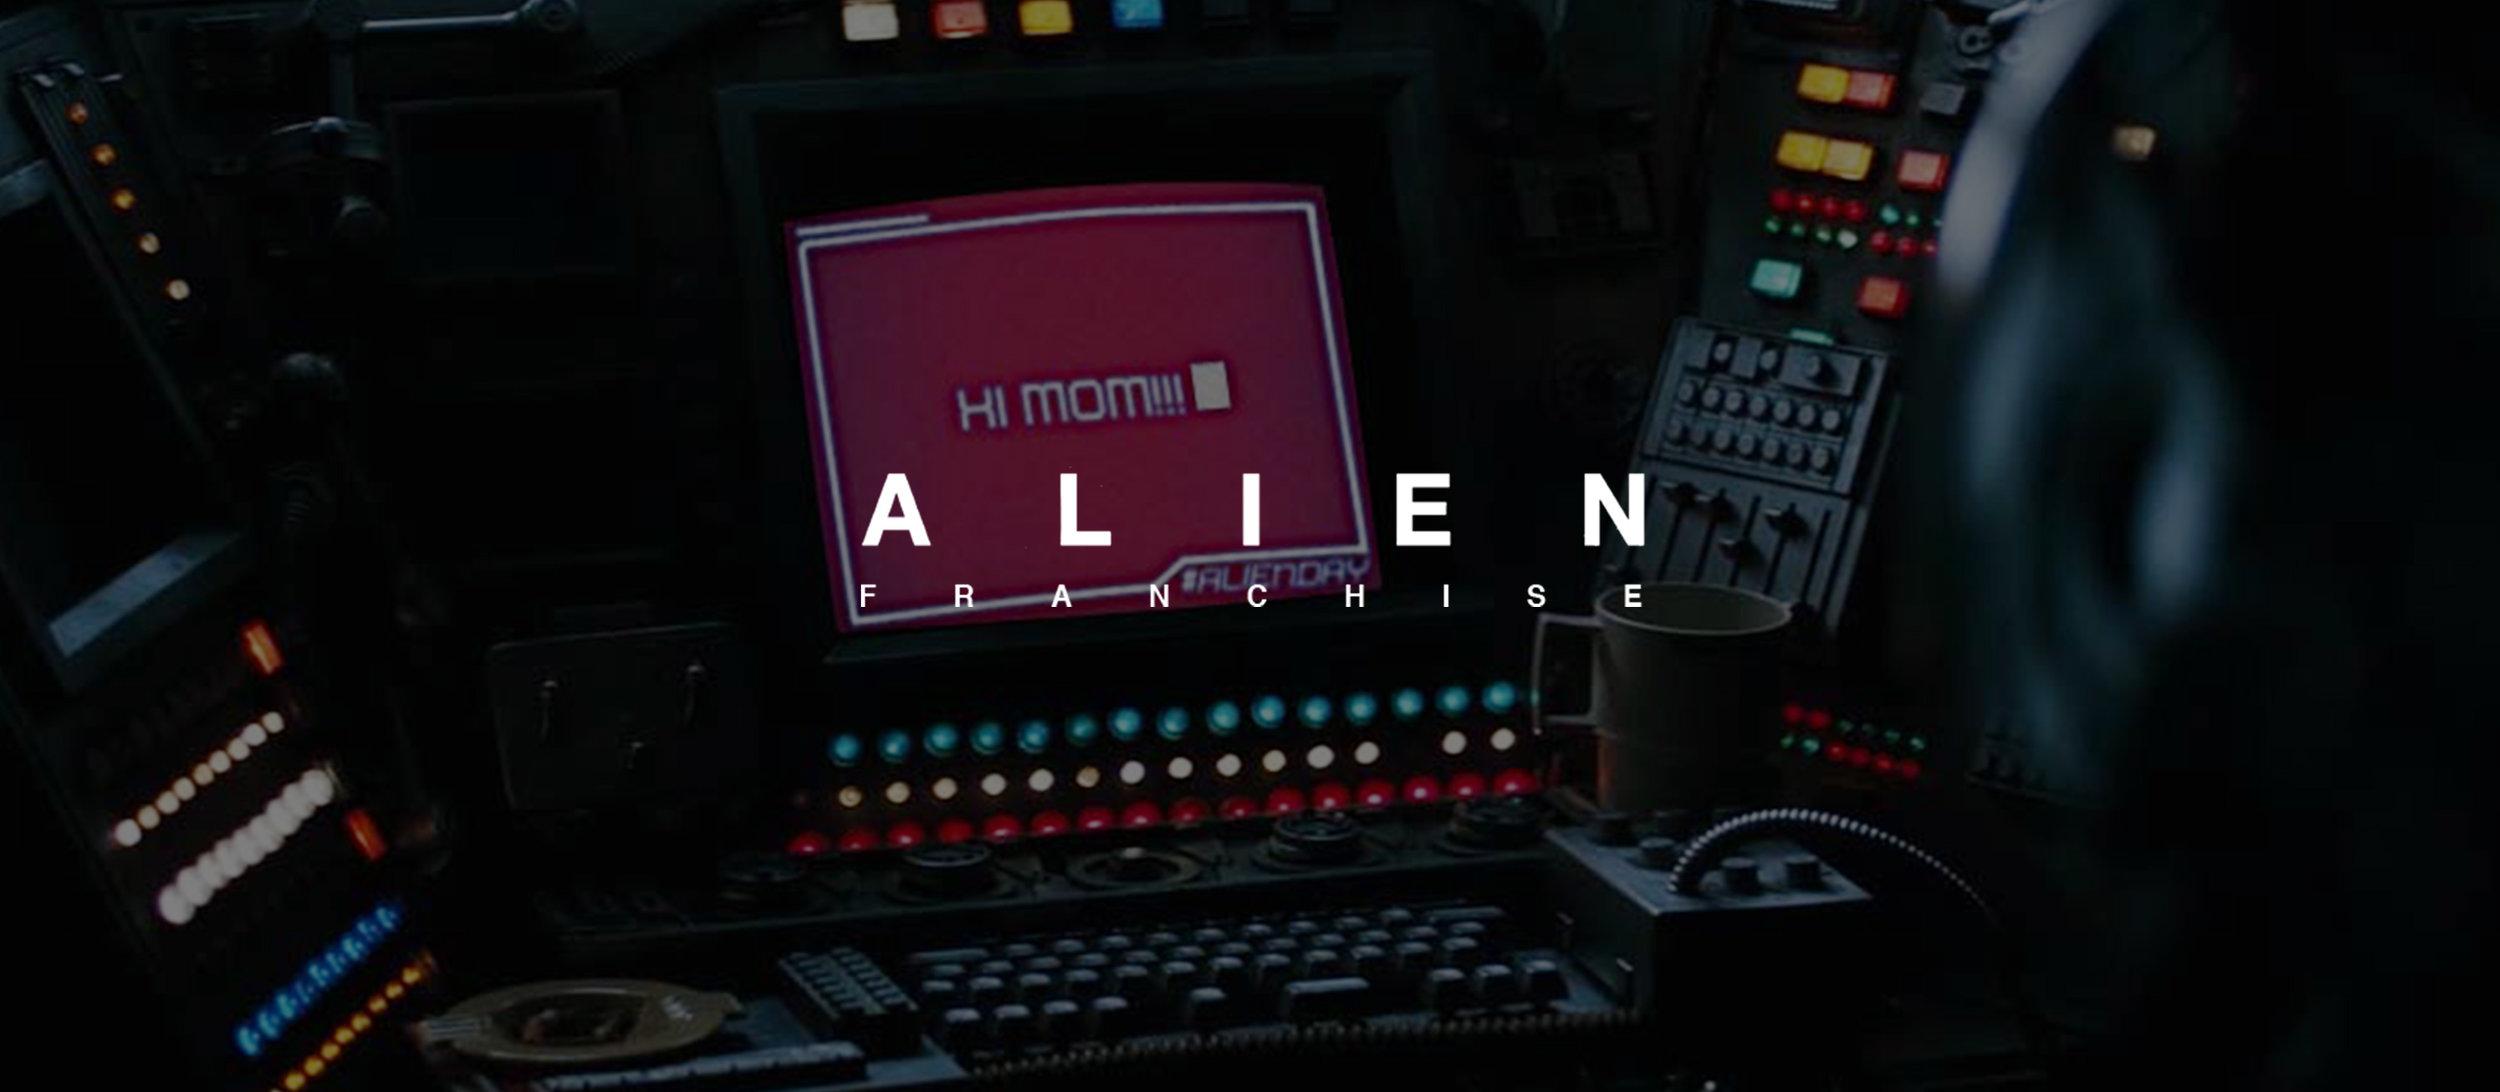 notdanmartin_home_alien-franchise.jpg